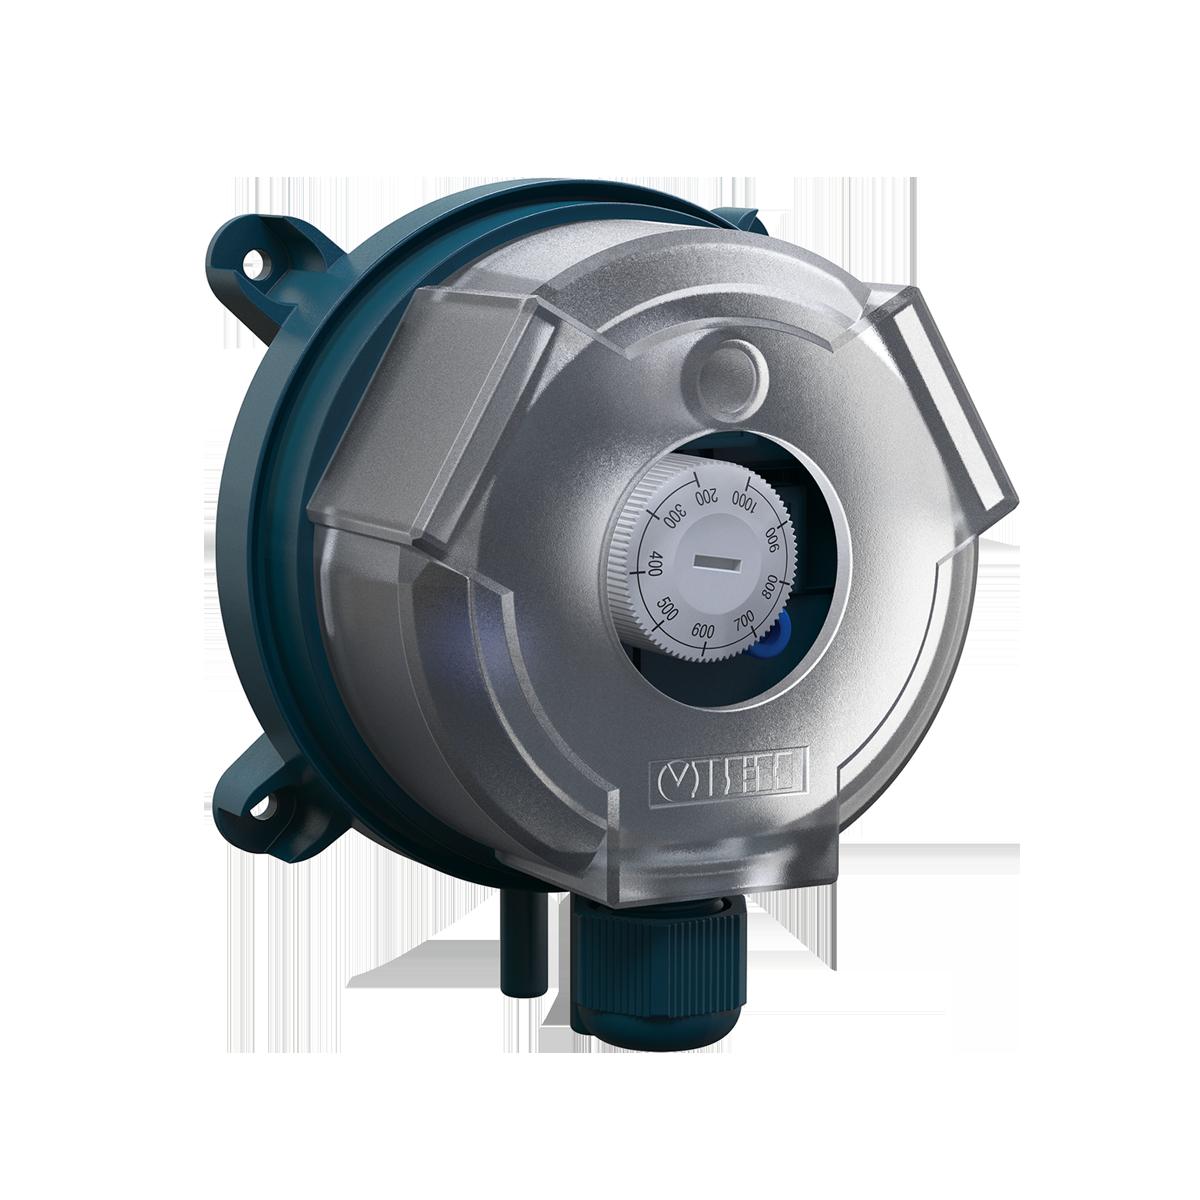 РД30 механическое реле перепада давления для систем вентиляции и кондиционирования